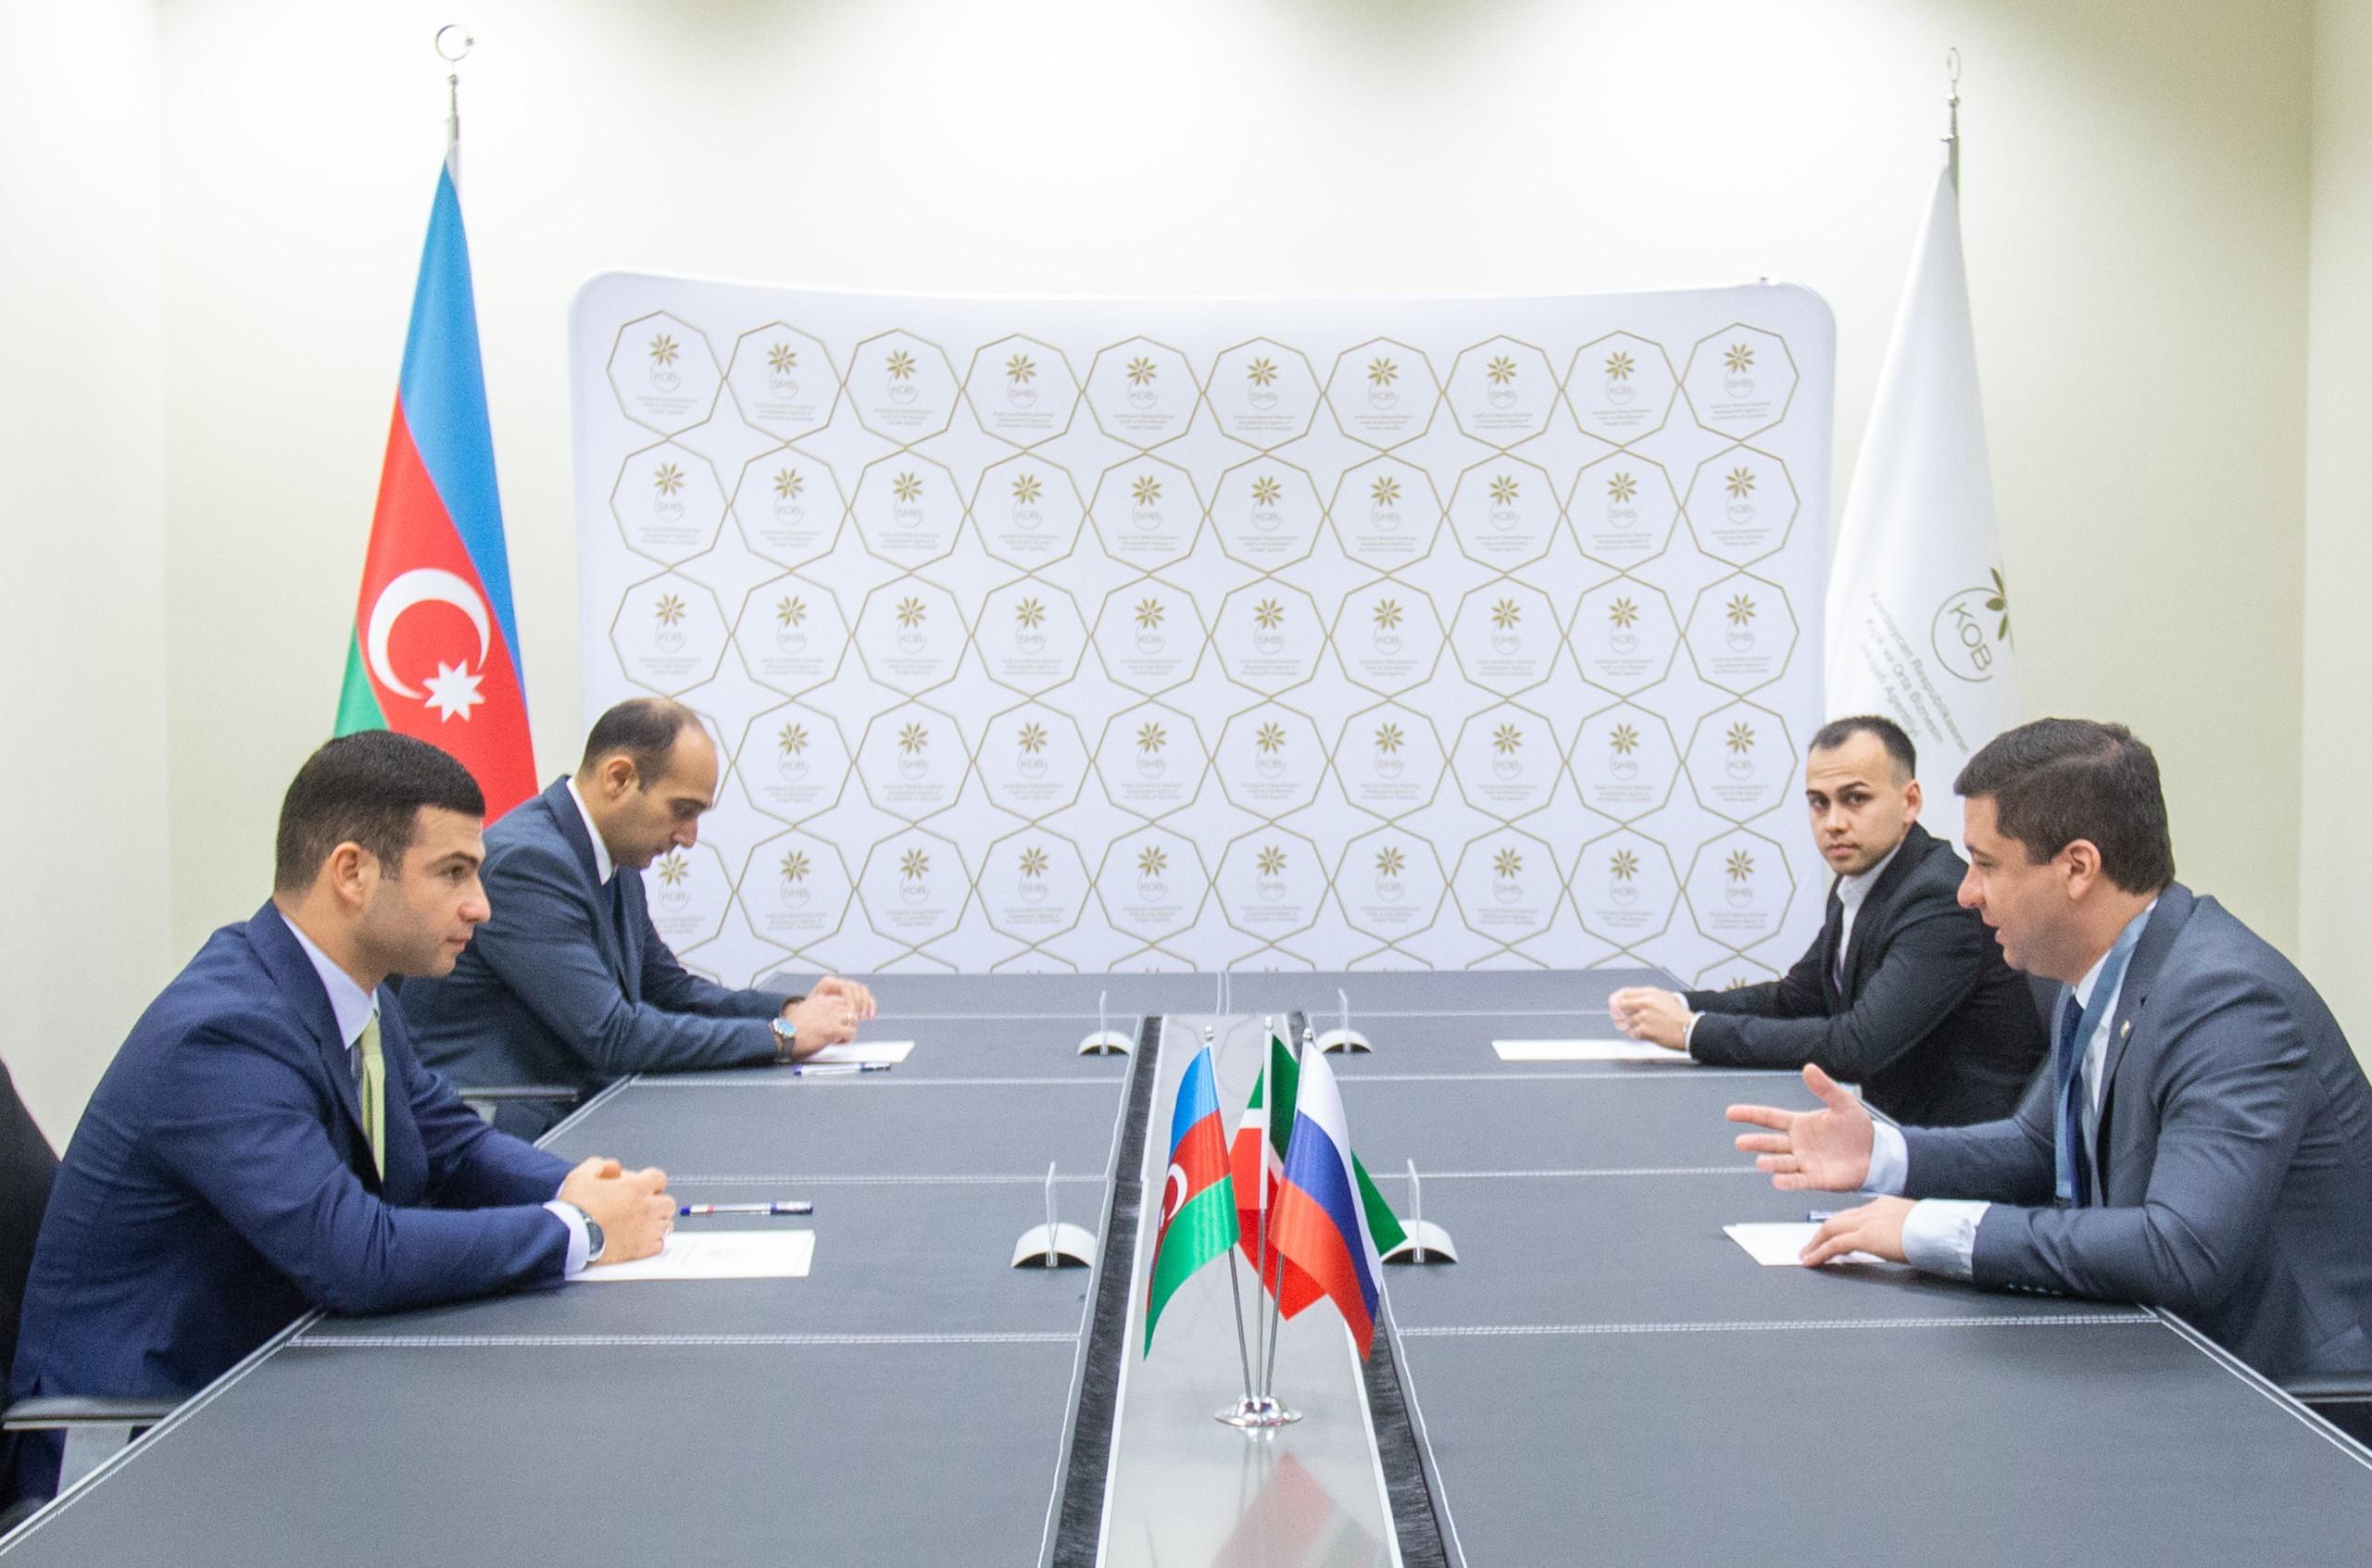 Azərbaycan və Tatarıstanın işgüzar dairələri arasında əməkdaşlıq perspektivləri müzakirə edilib